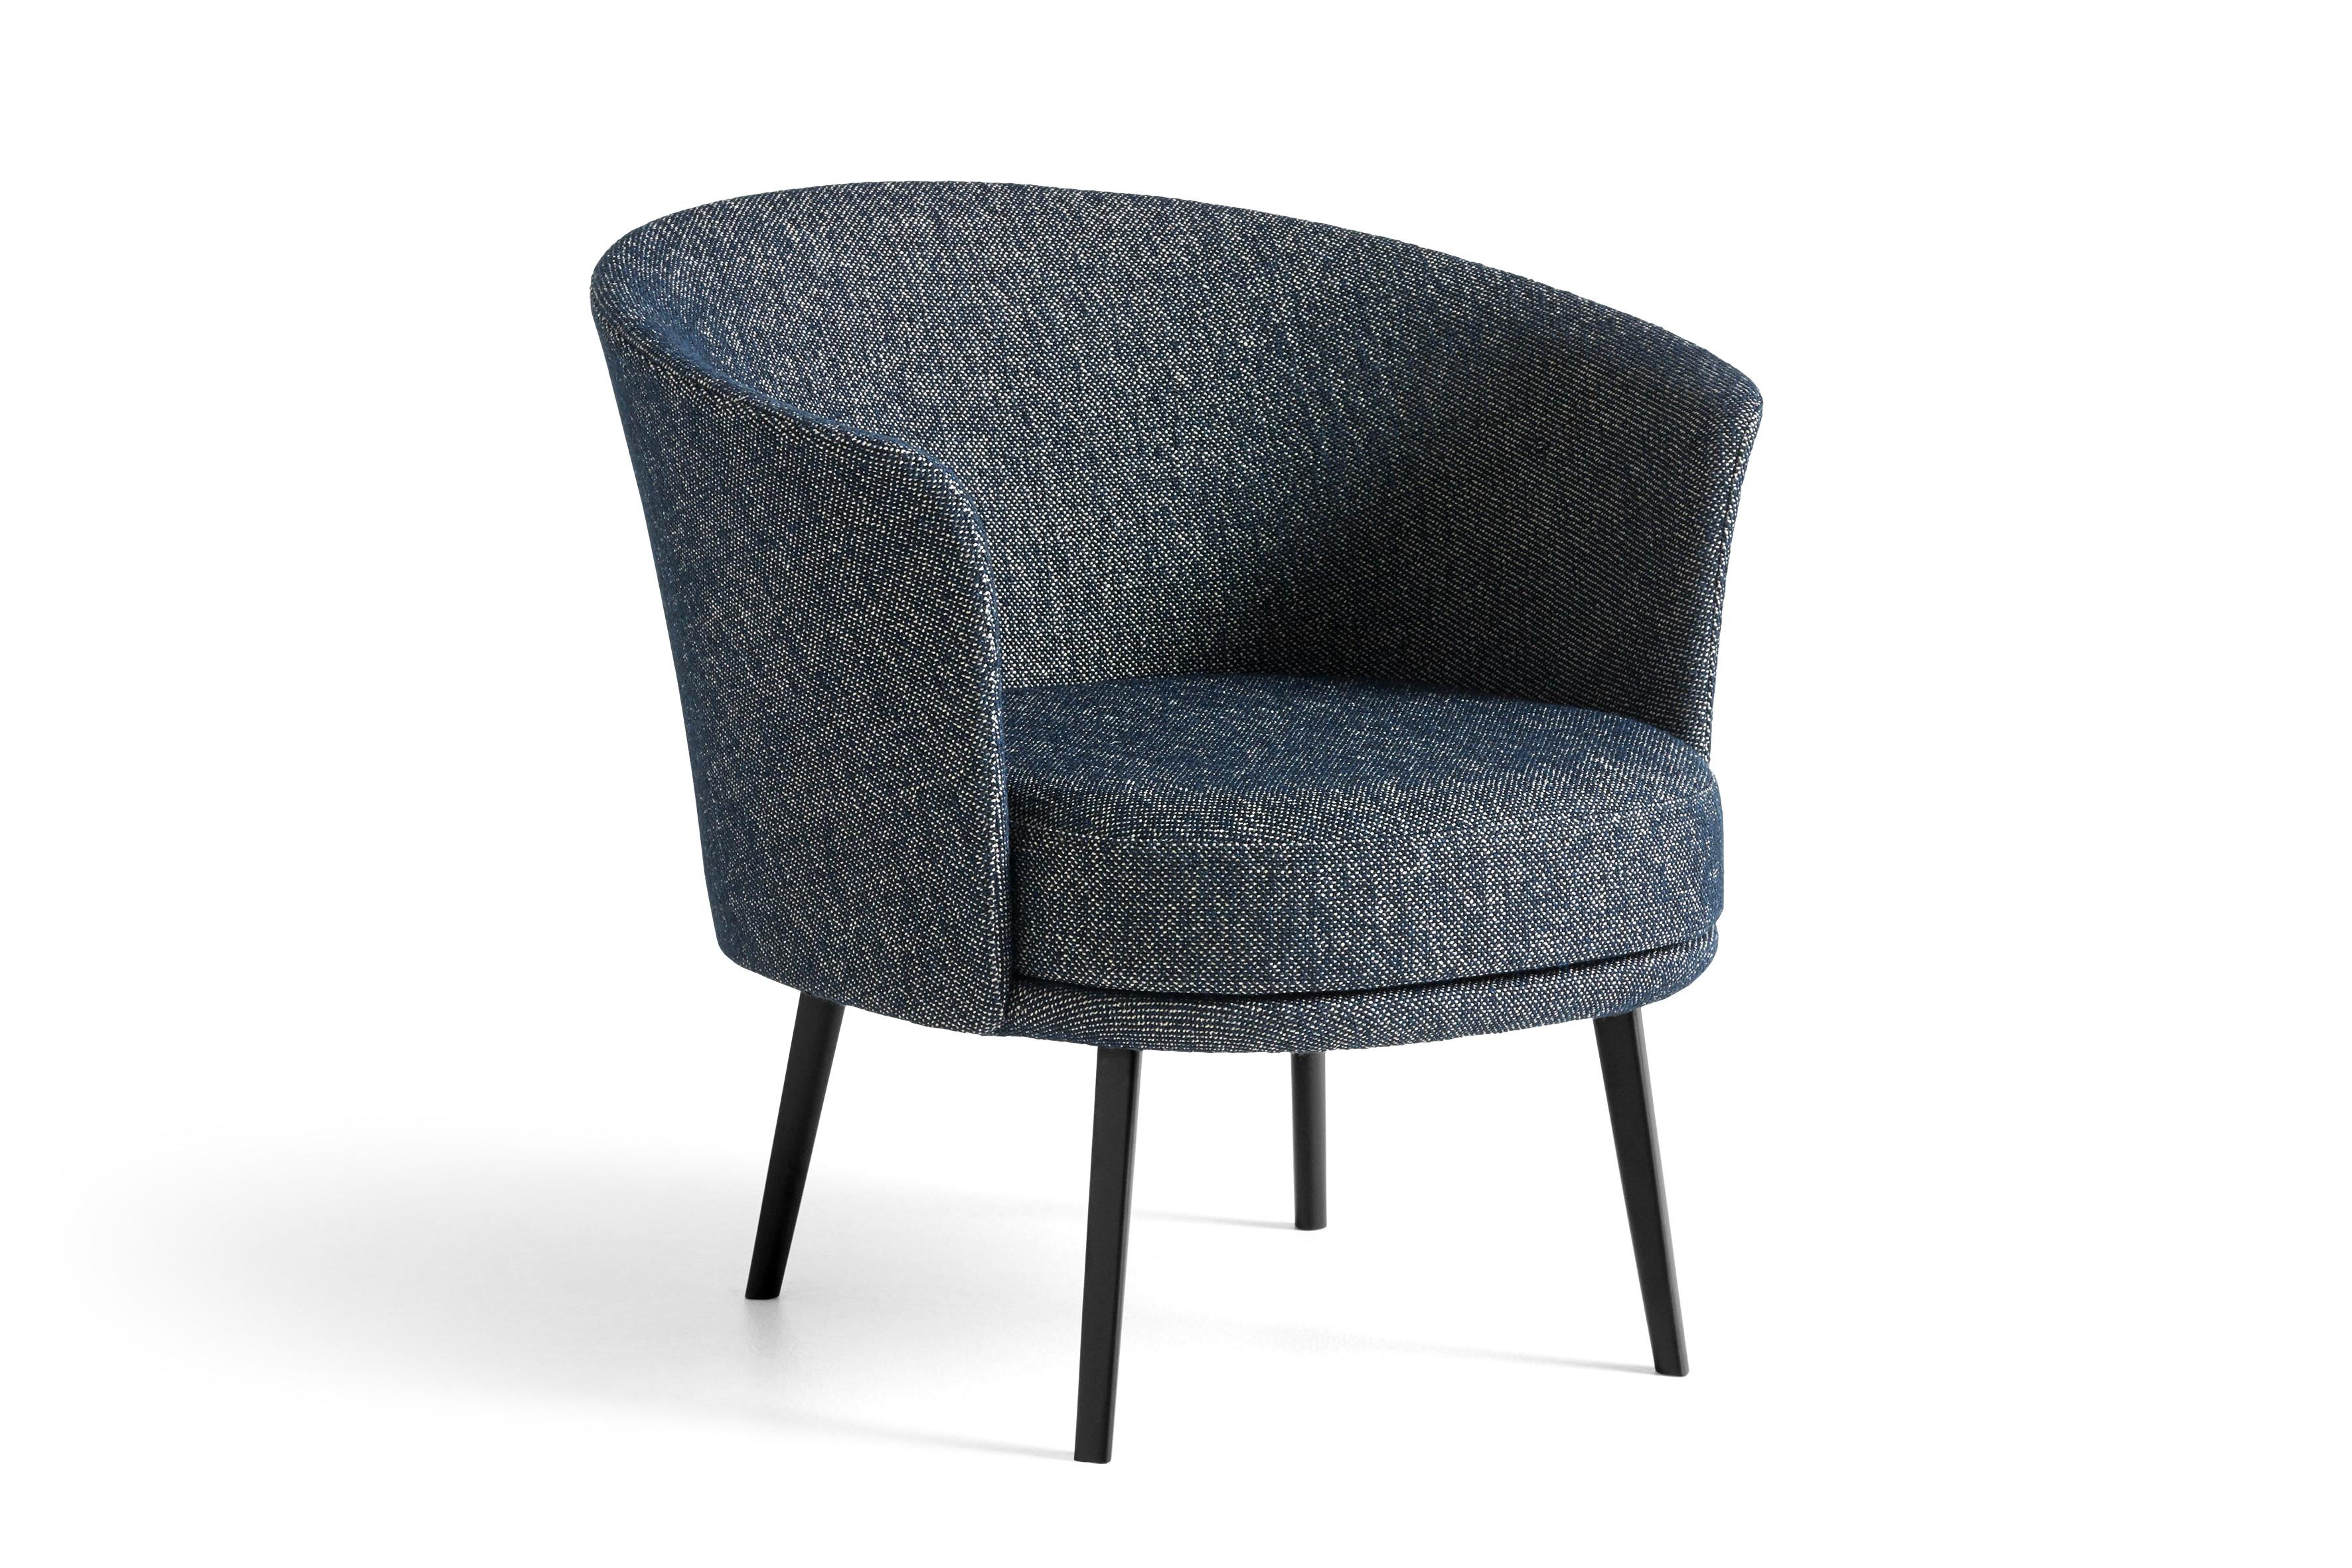 HAY Loungesessel Dorso schwarz | Fairway dark blue 308-288